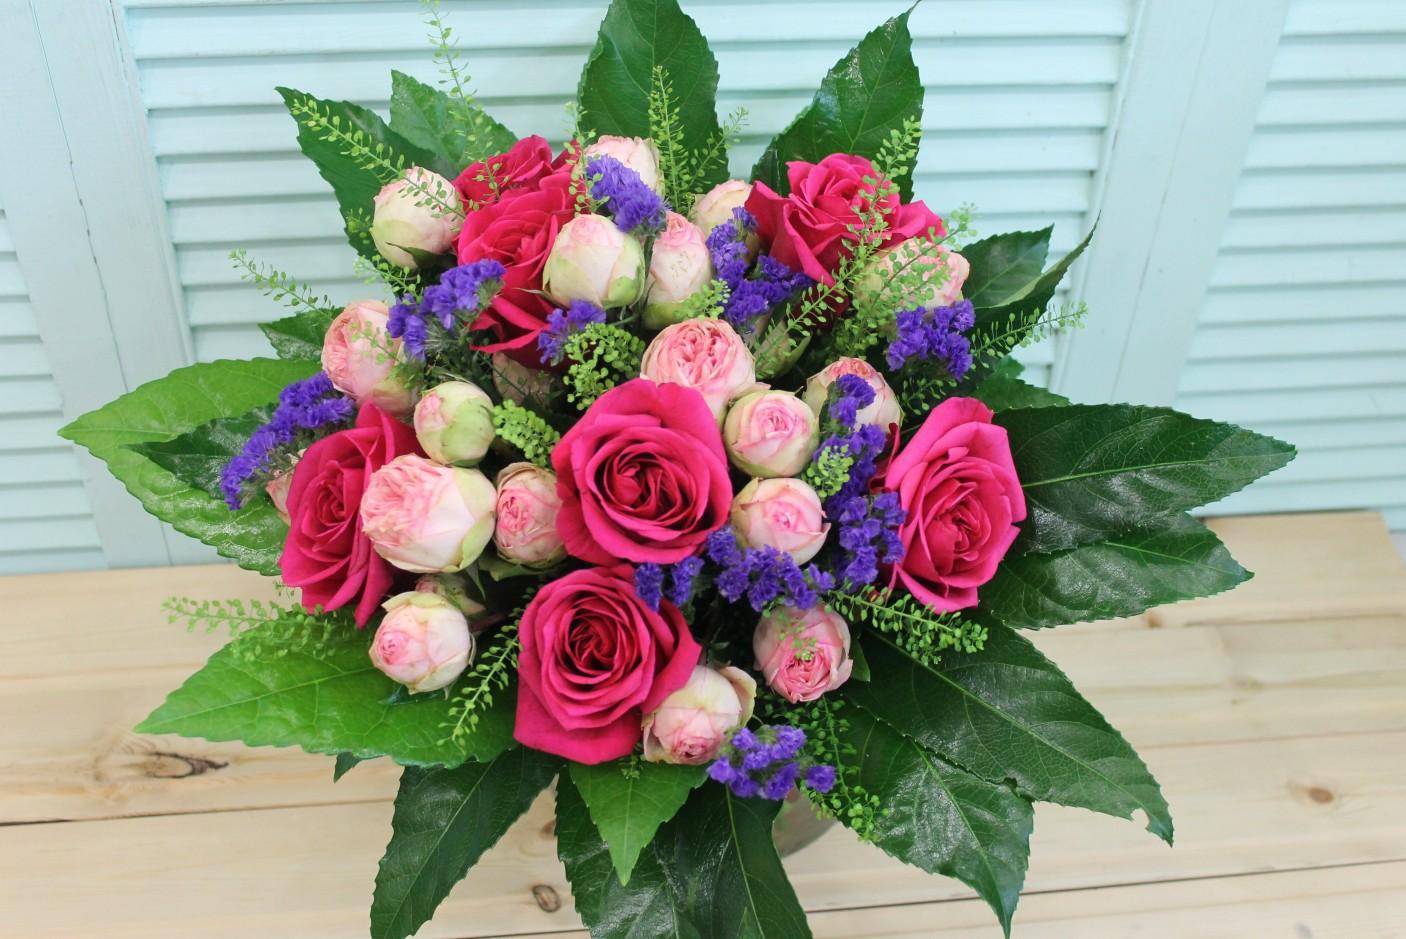 Доставка цветов в париже недорого алмазная вышивка тюльпаны купить в москве в интернет магазине